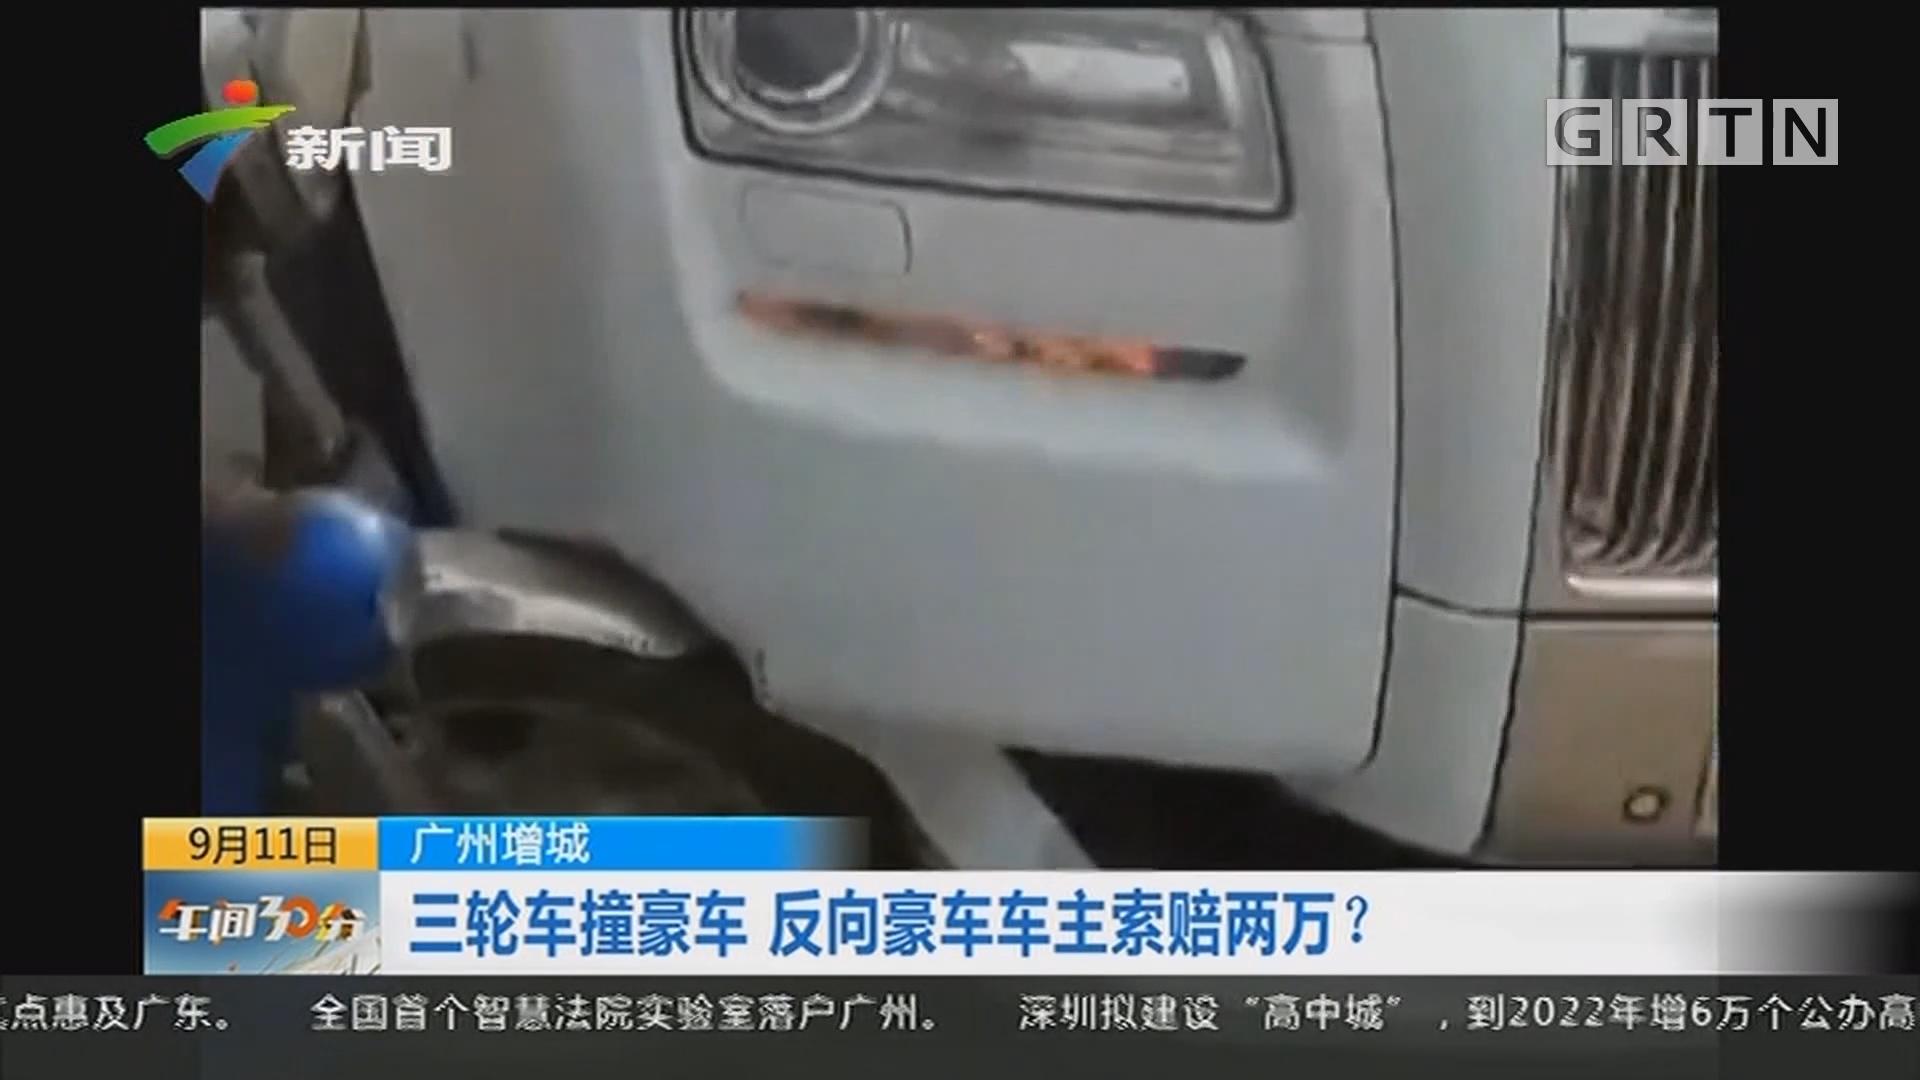 广州增城:三轮车撞豪车 反向豪车车主索赔两万?